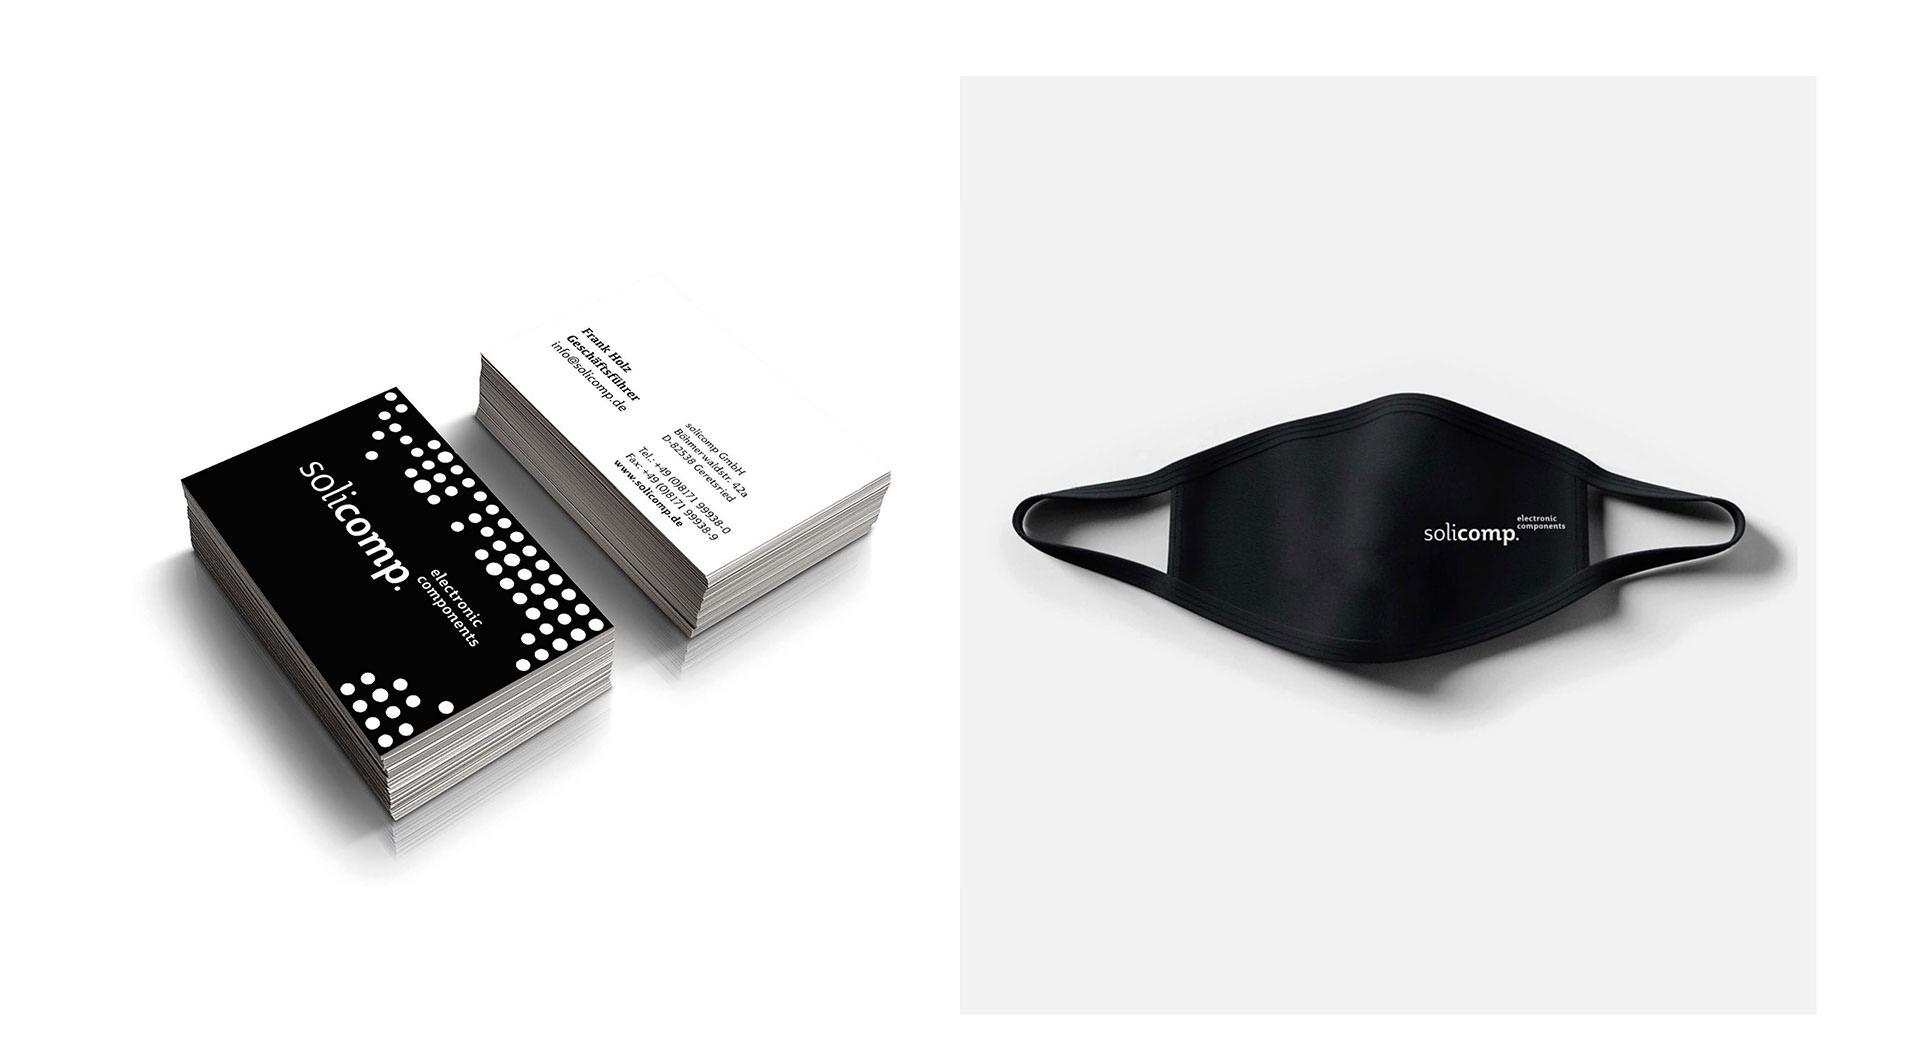 Solicomp – Markendesign und Markenanwendung, Konzeptvorschlag